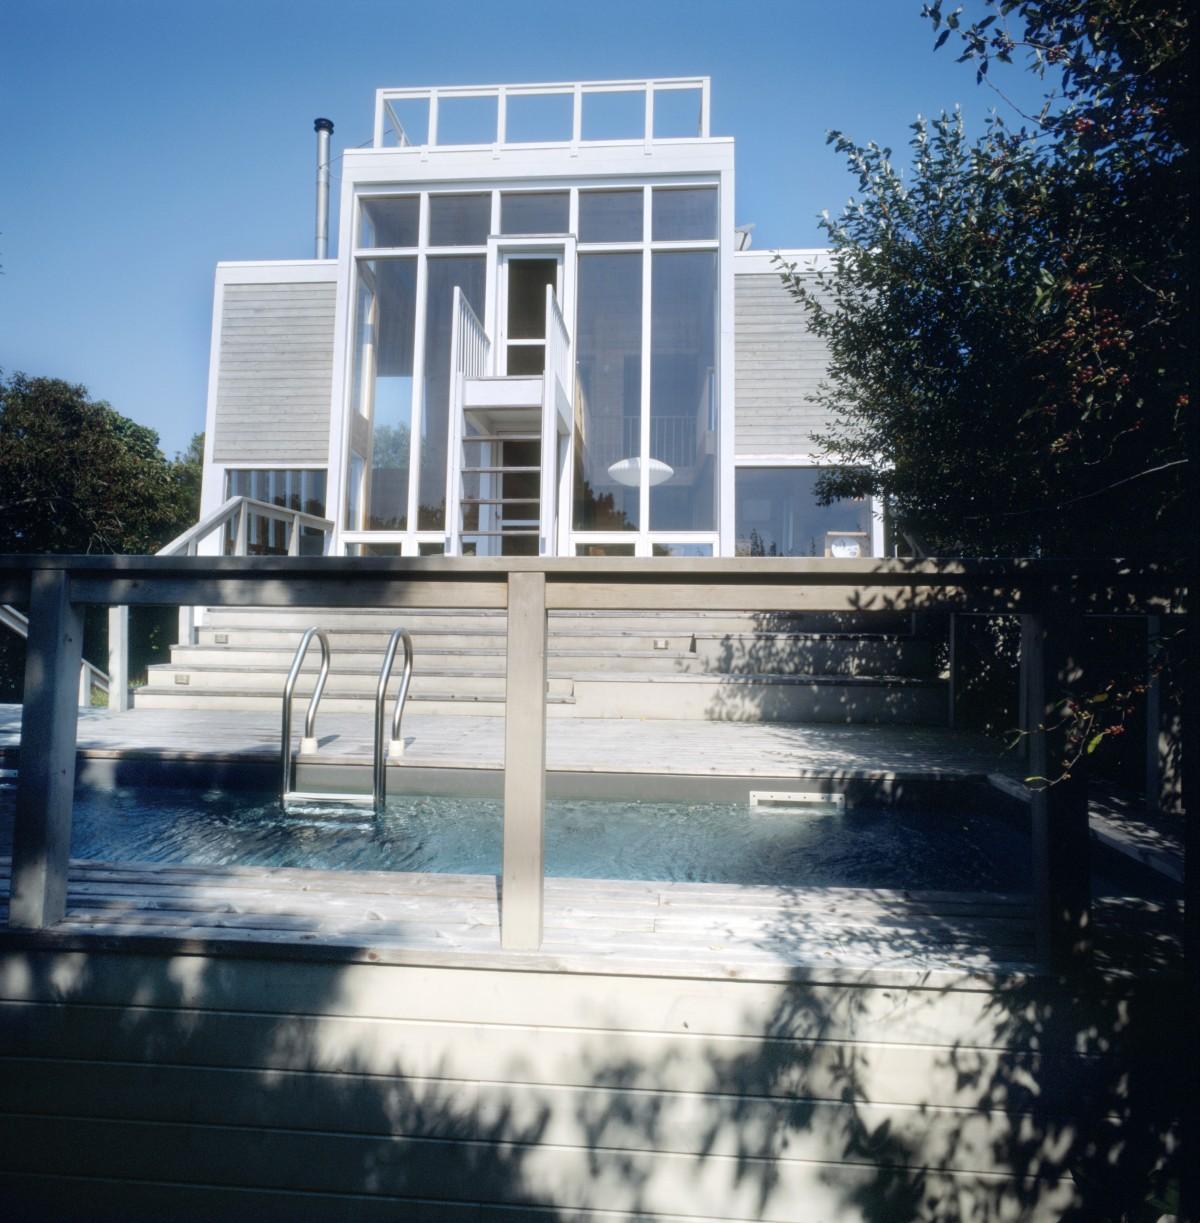 E' stata progettata dal famoso architetto americano Andrew Geller  / Vinnie Petrarca Fire Island Real Estate